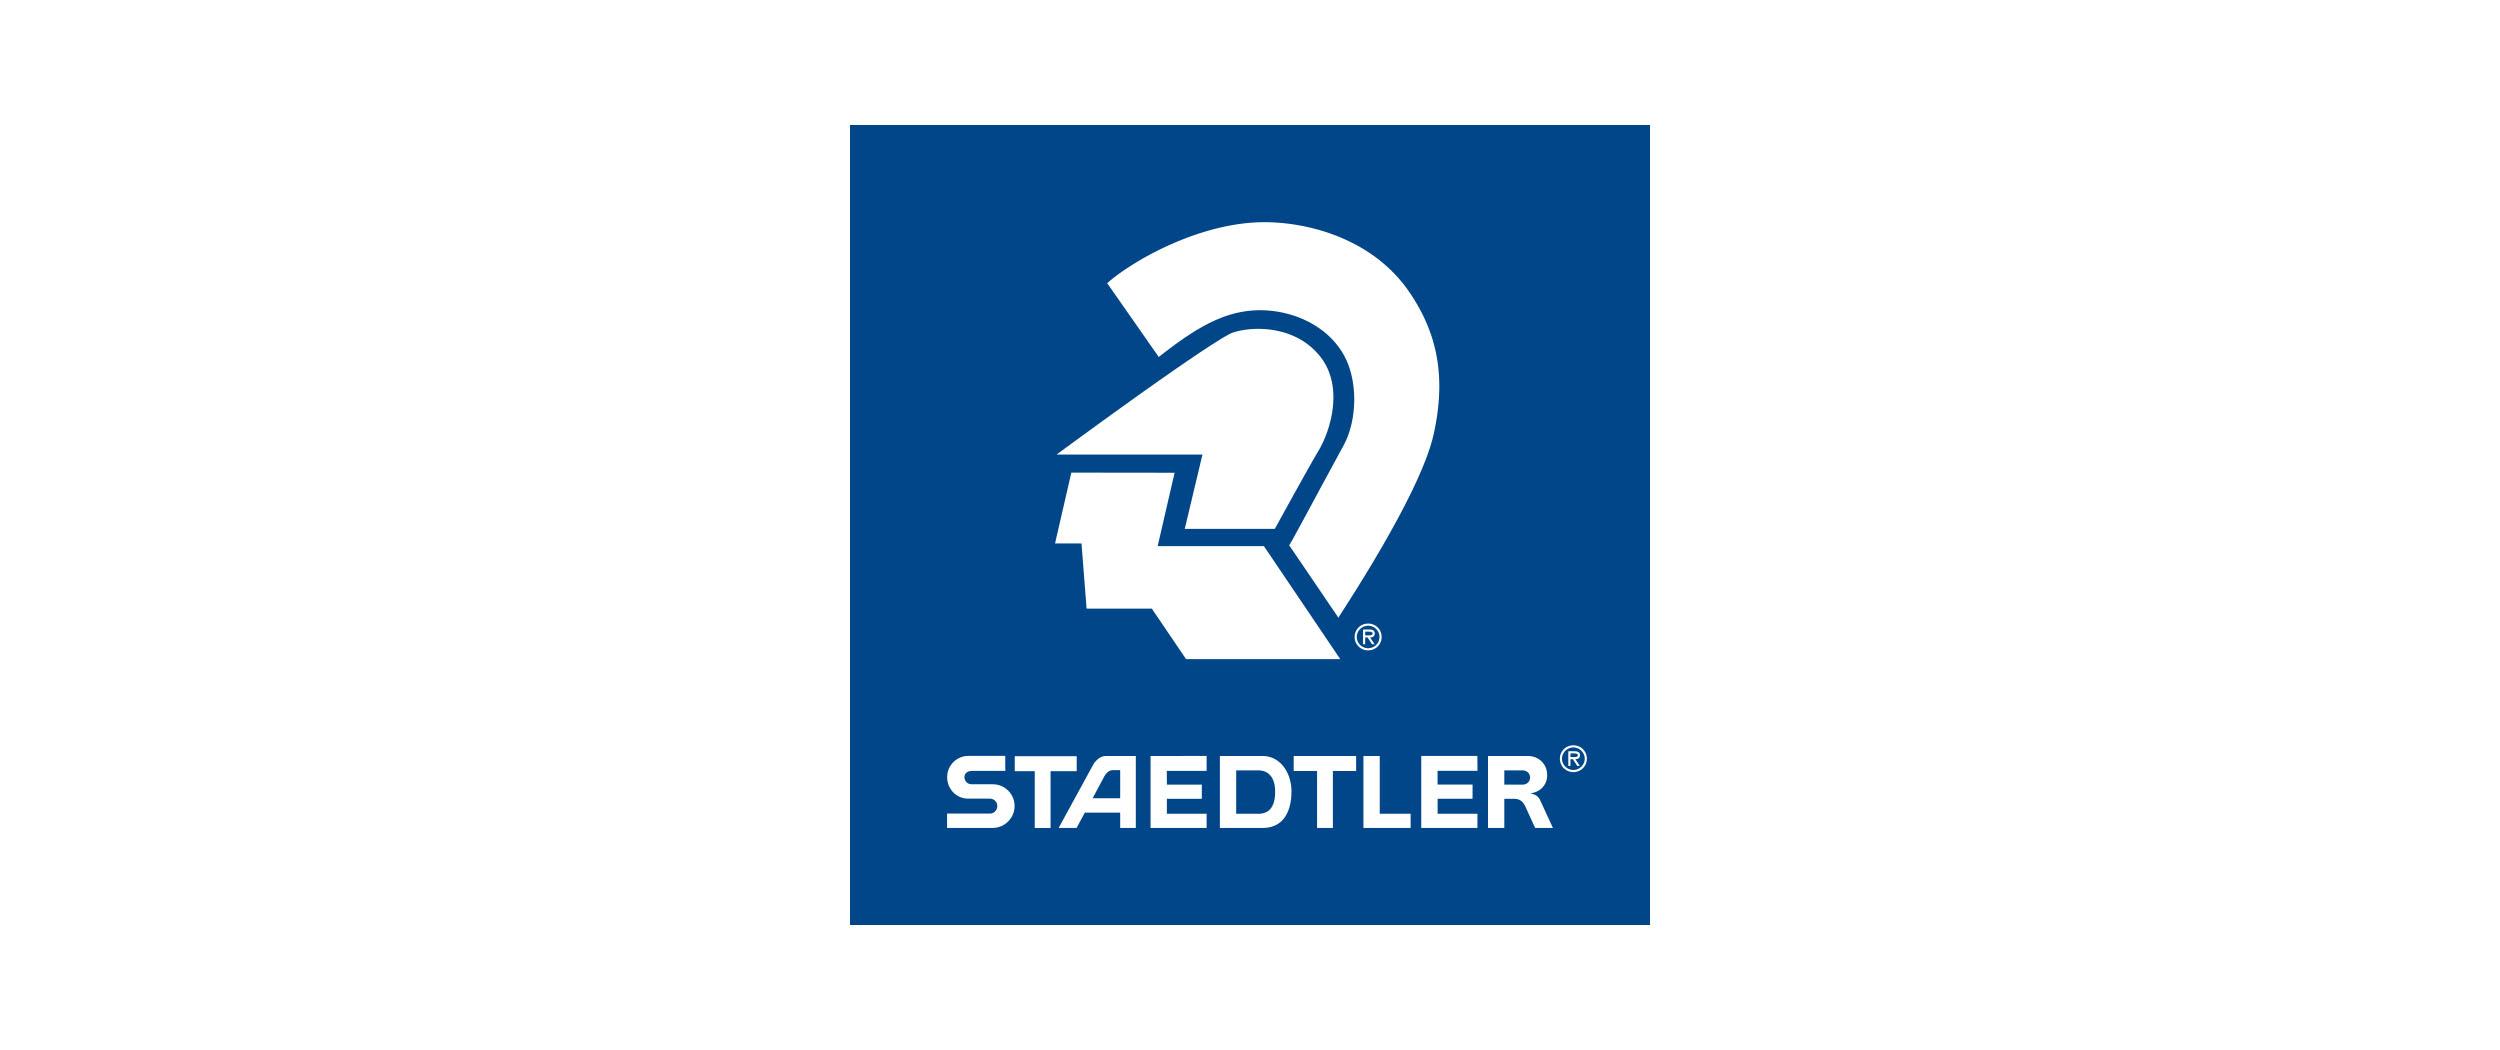 STAEDTLER_cube2016_R01 copy.jpg